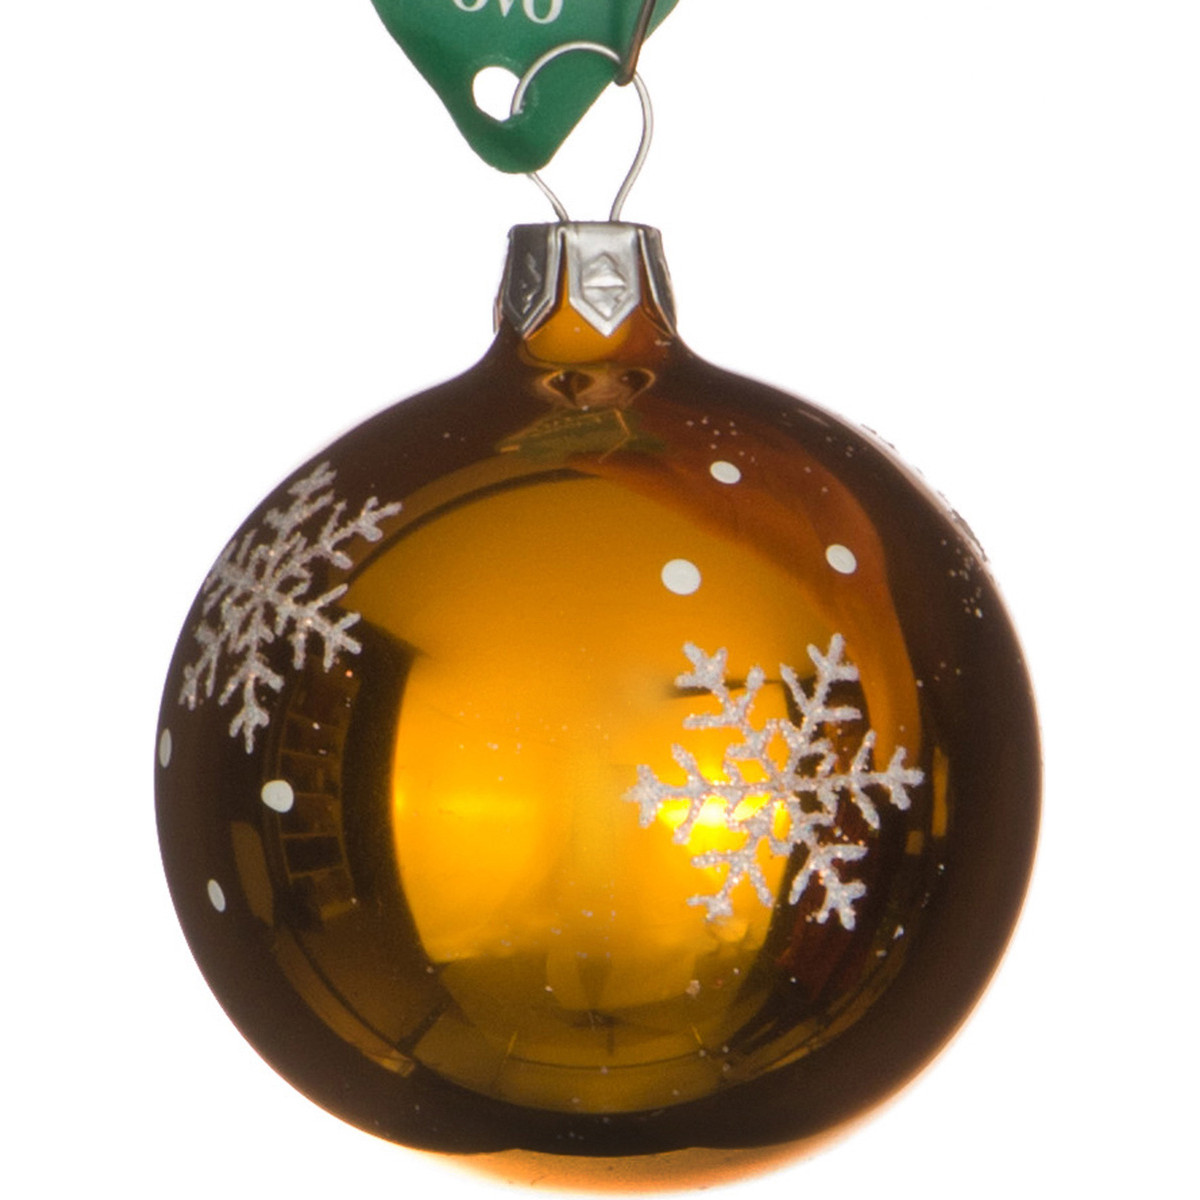 {} Arti-M Шар новогодний Улыбка (5 см) блюдце улыбка диаметр 17 5 см 993016901